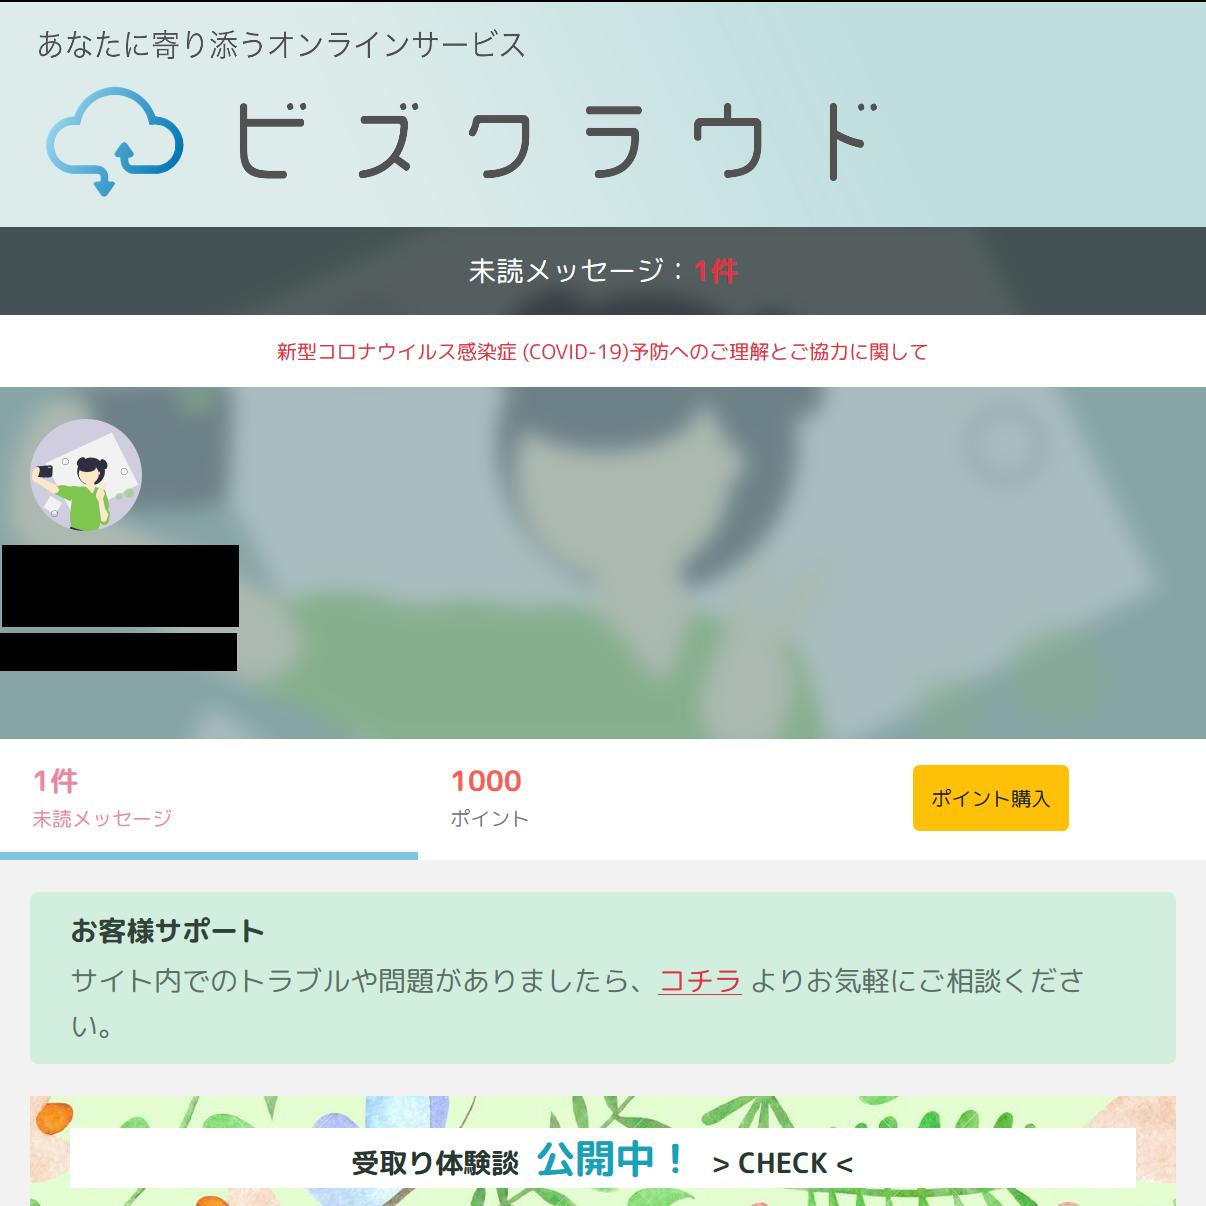 【tea time(ティータイム)】の被害報告